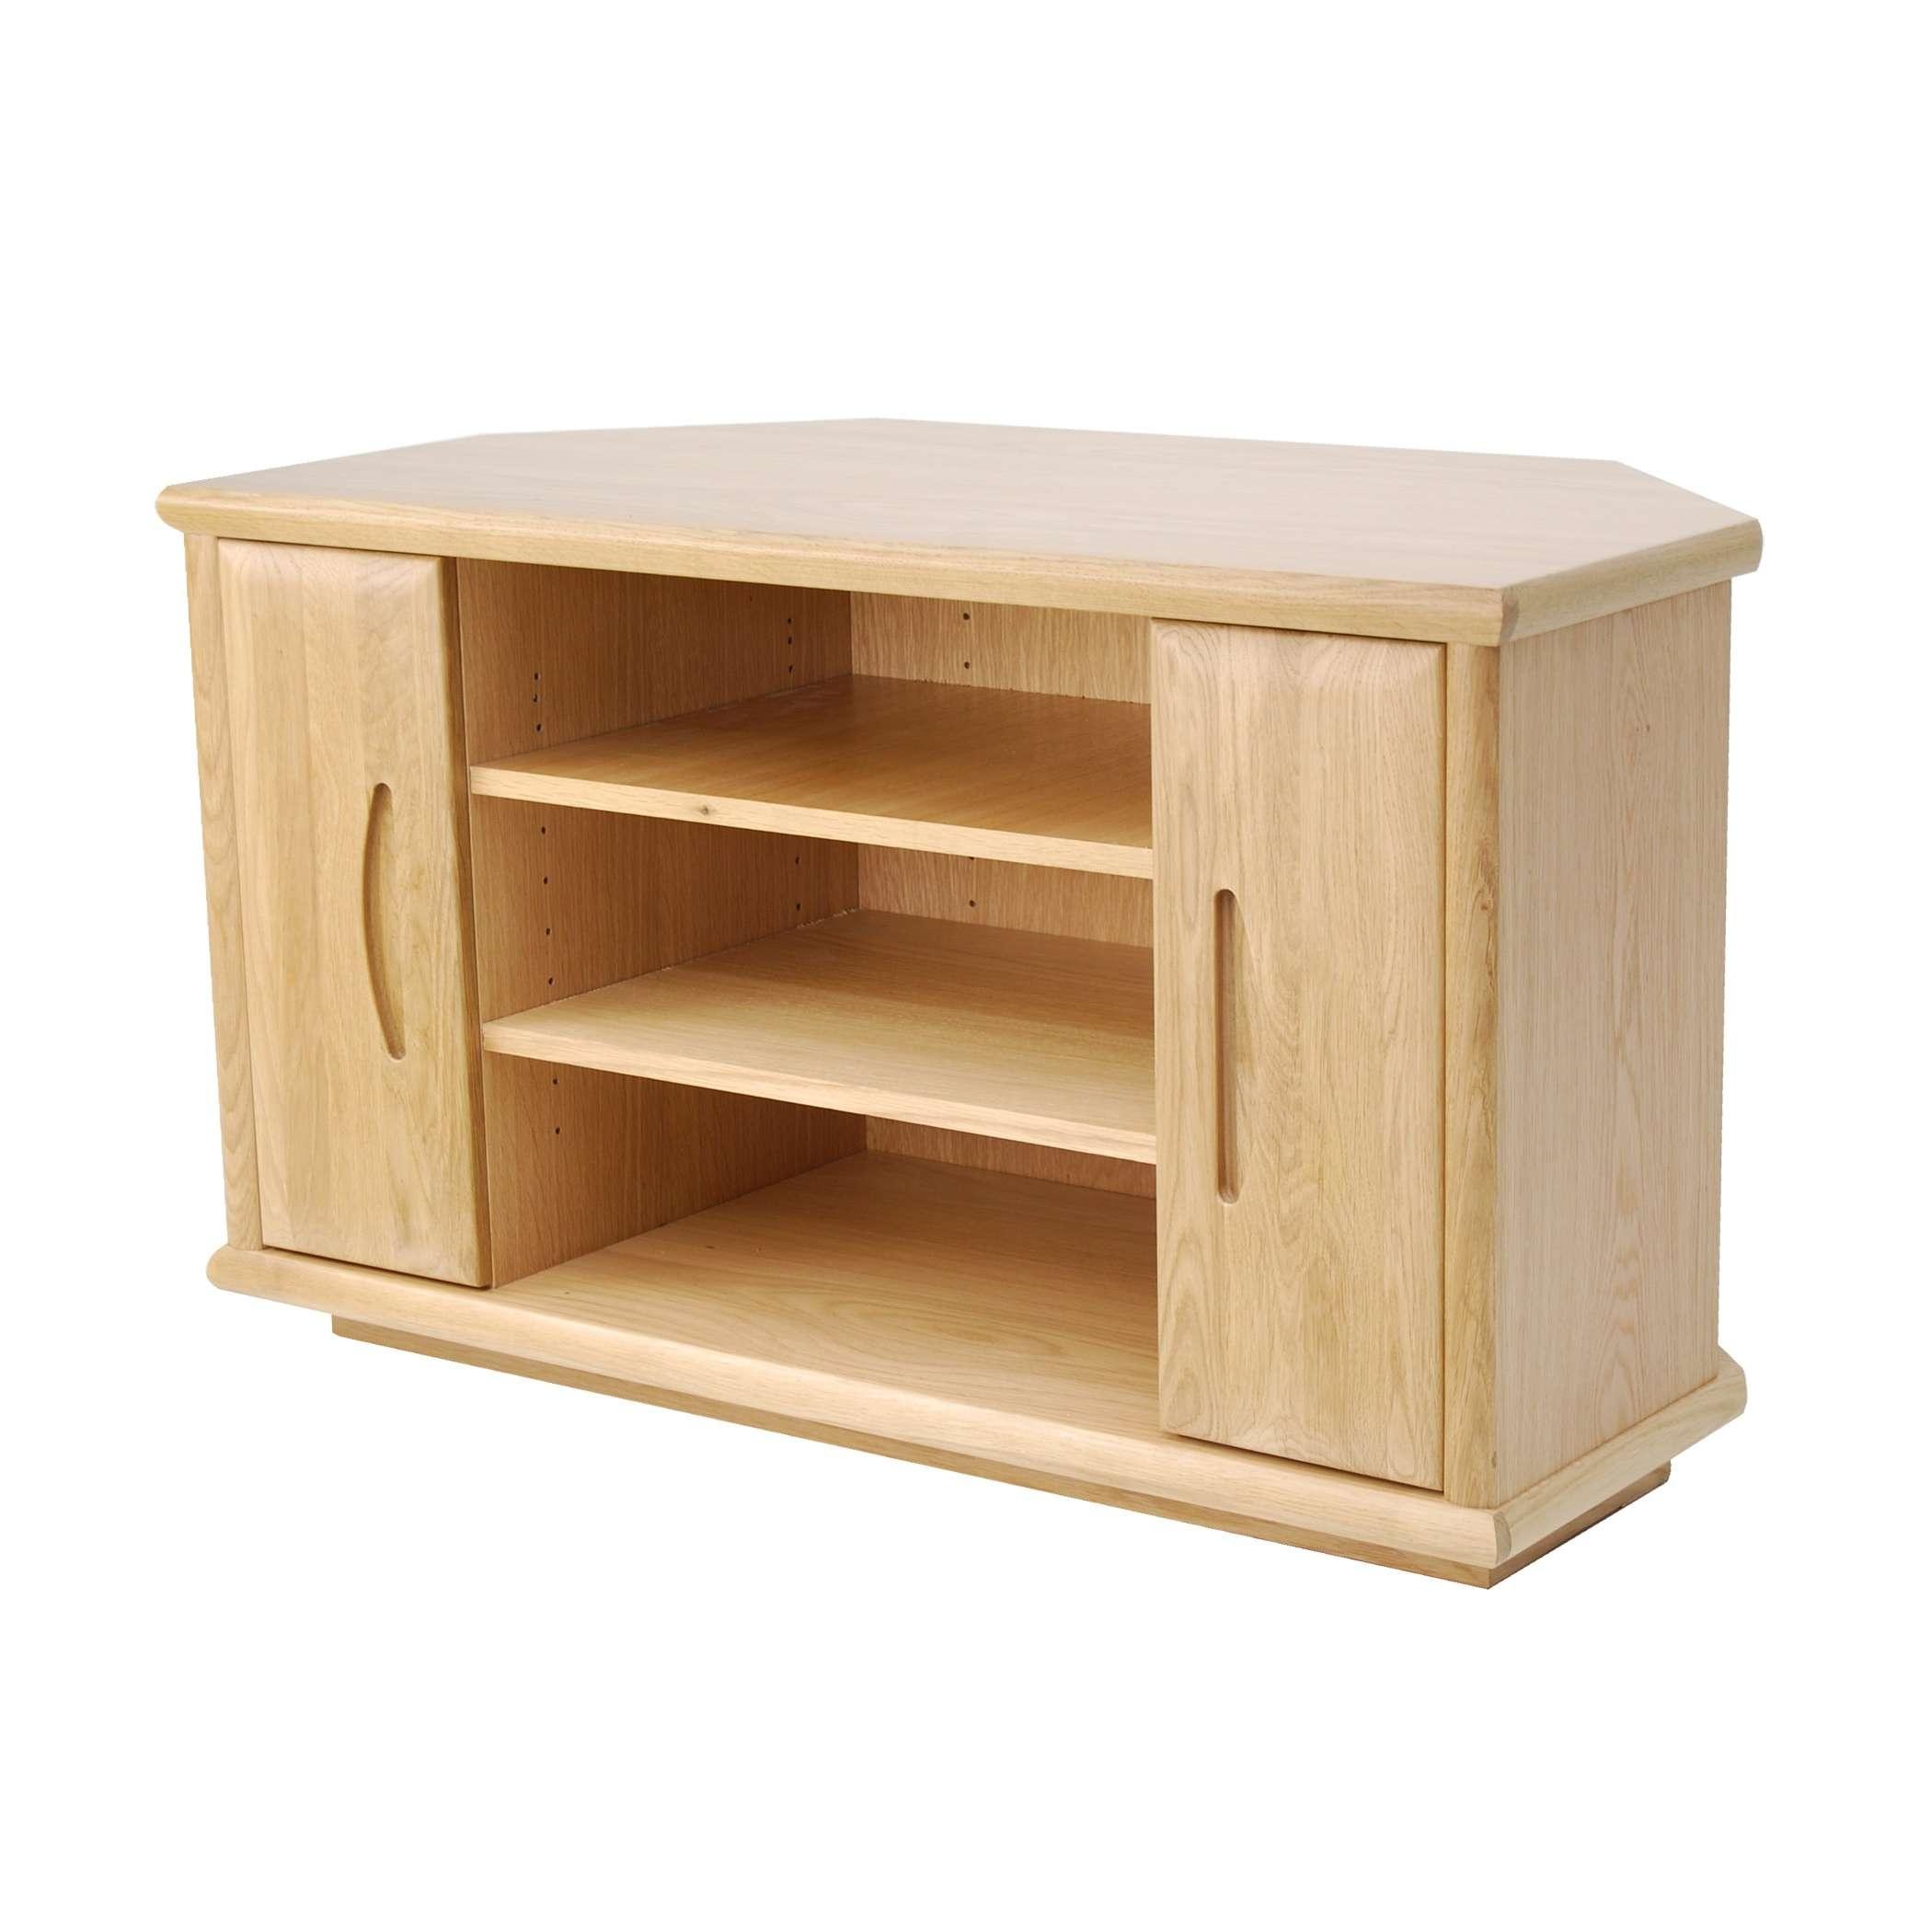 Oak Corner Tv Stand | Gola Furniture Uk Intended For Dark Wood Corner Tv Cabinets (Gallery 14 of 20)